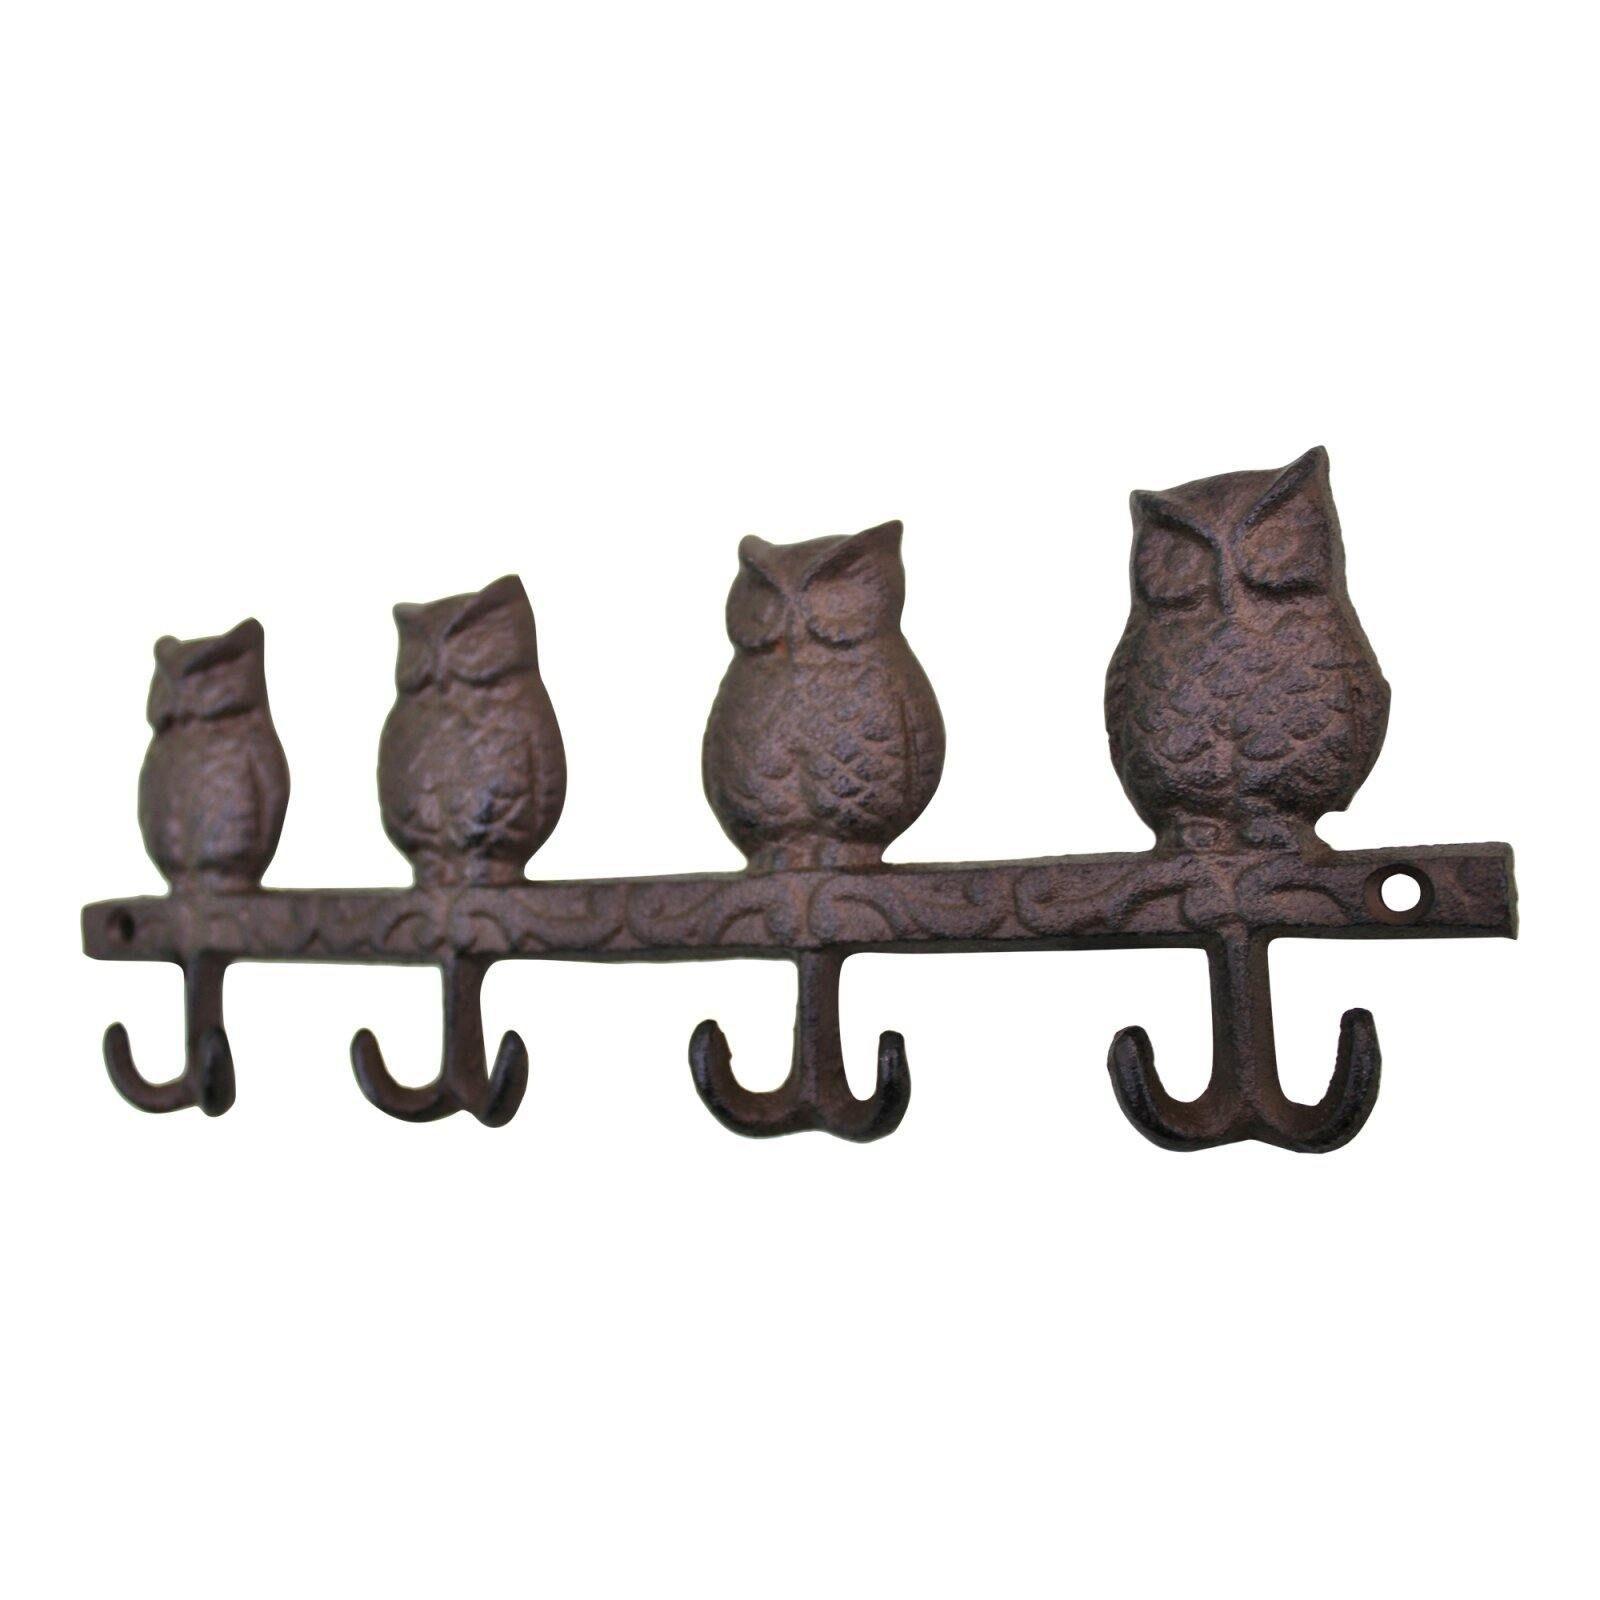 Rustic Cast Iron Coat Hooks, Owls